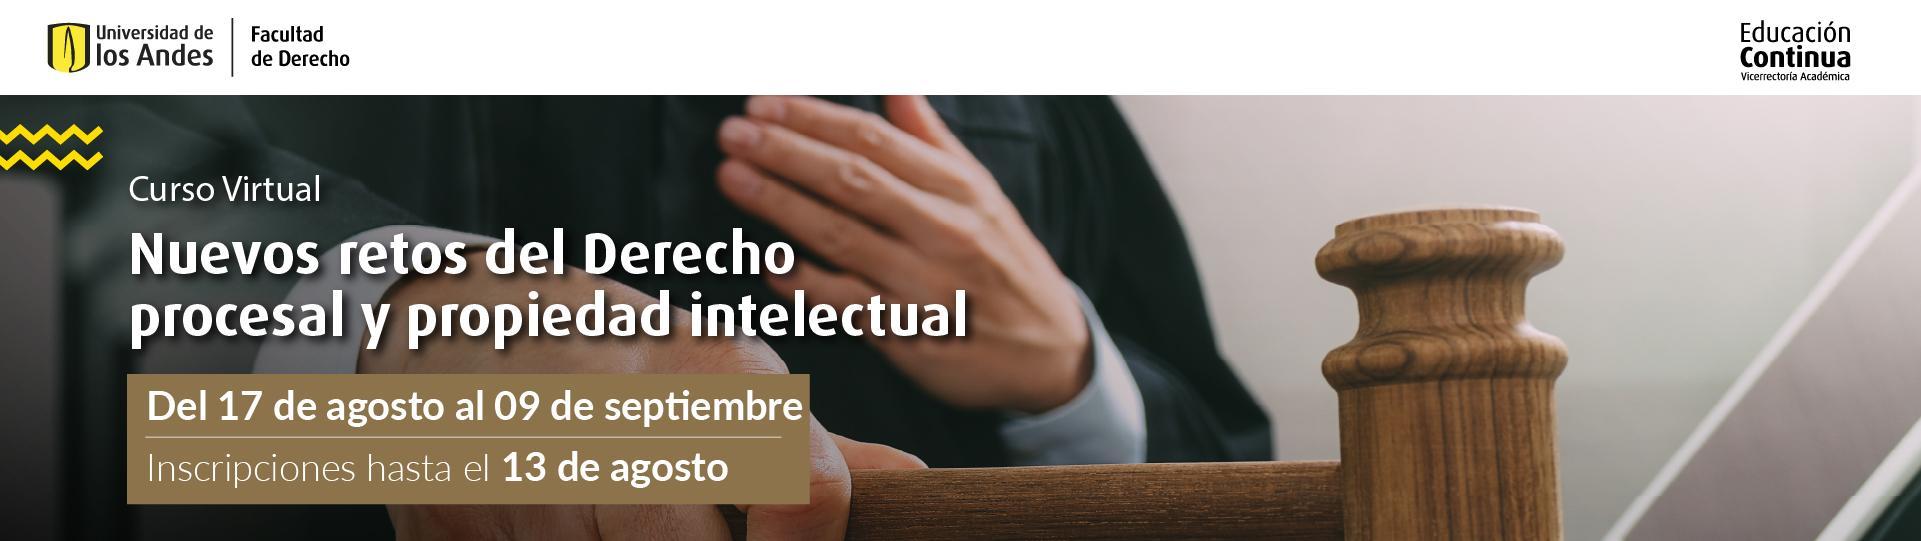 Nuevos Retos del Derecho Procesal y Propiedad Intelectual | Educación Continua | Uniandes